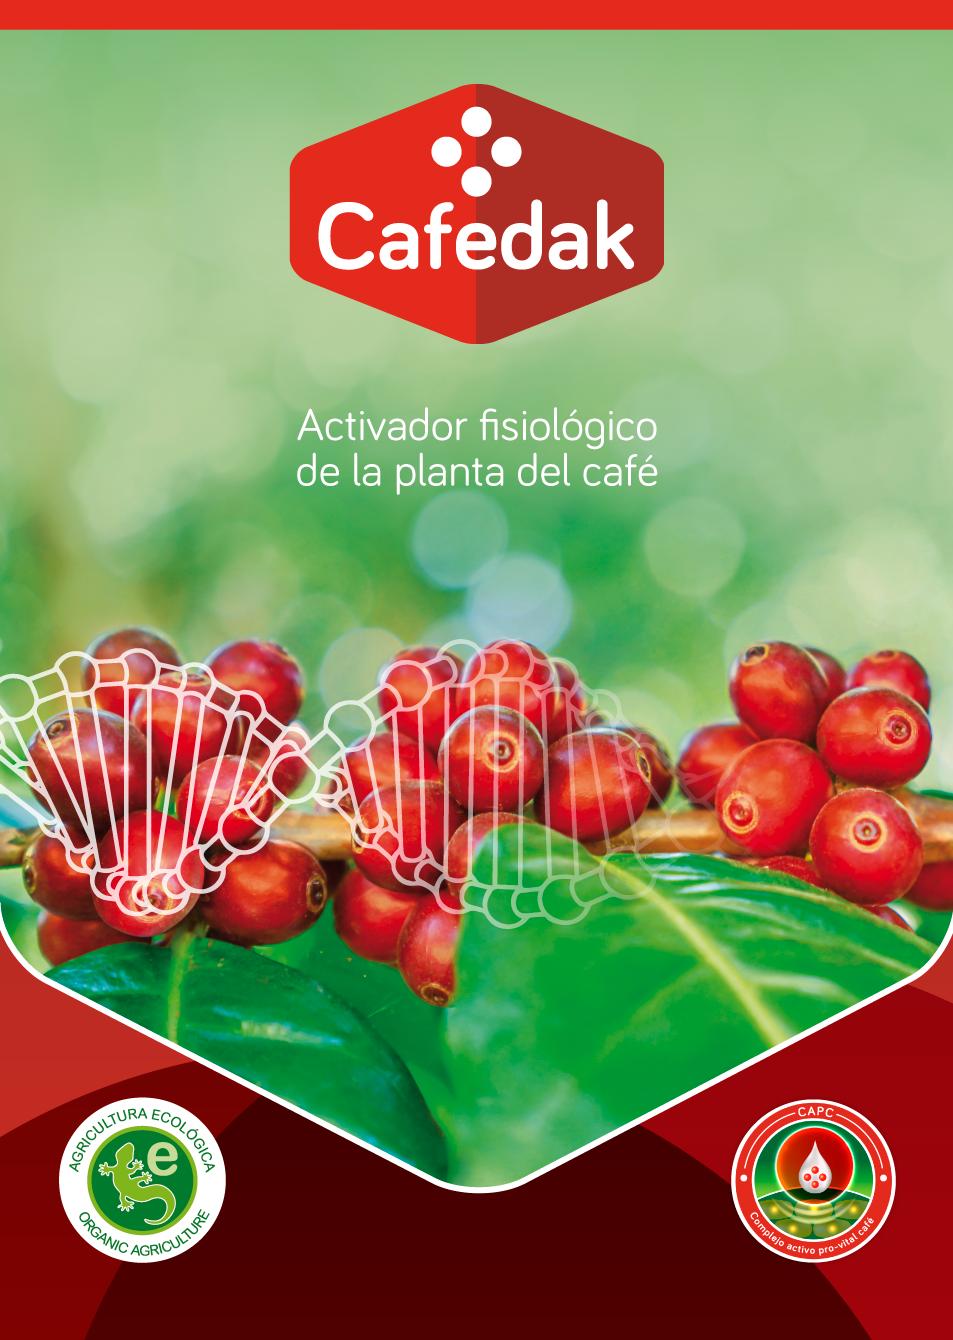 Cafedak: Activador fisiológico de la planta del café